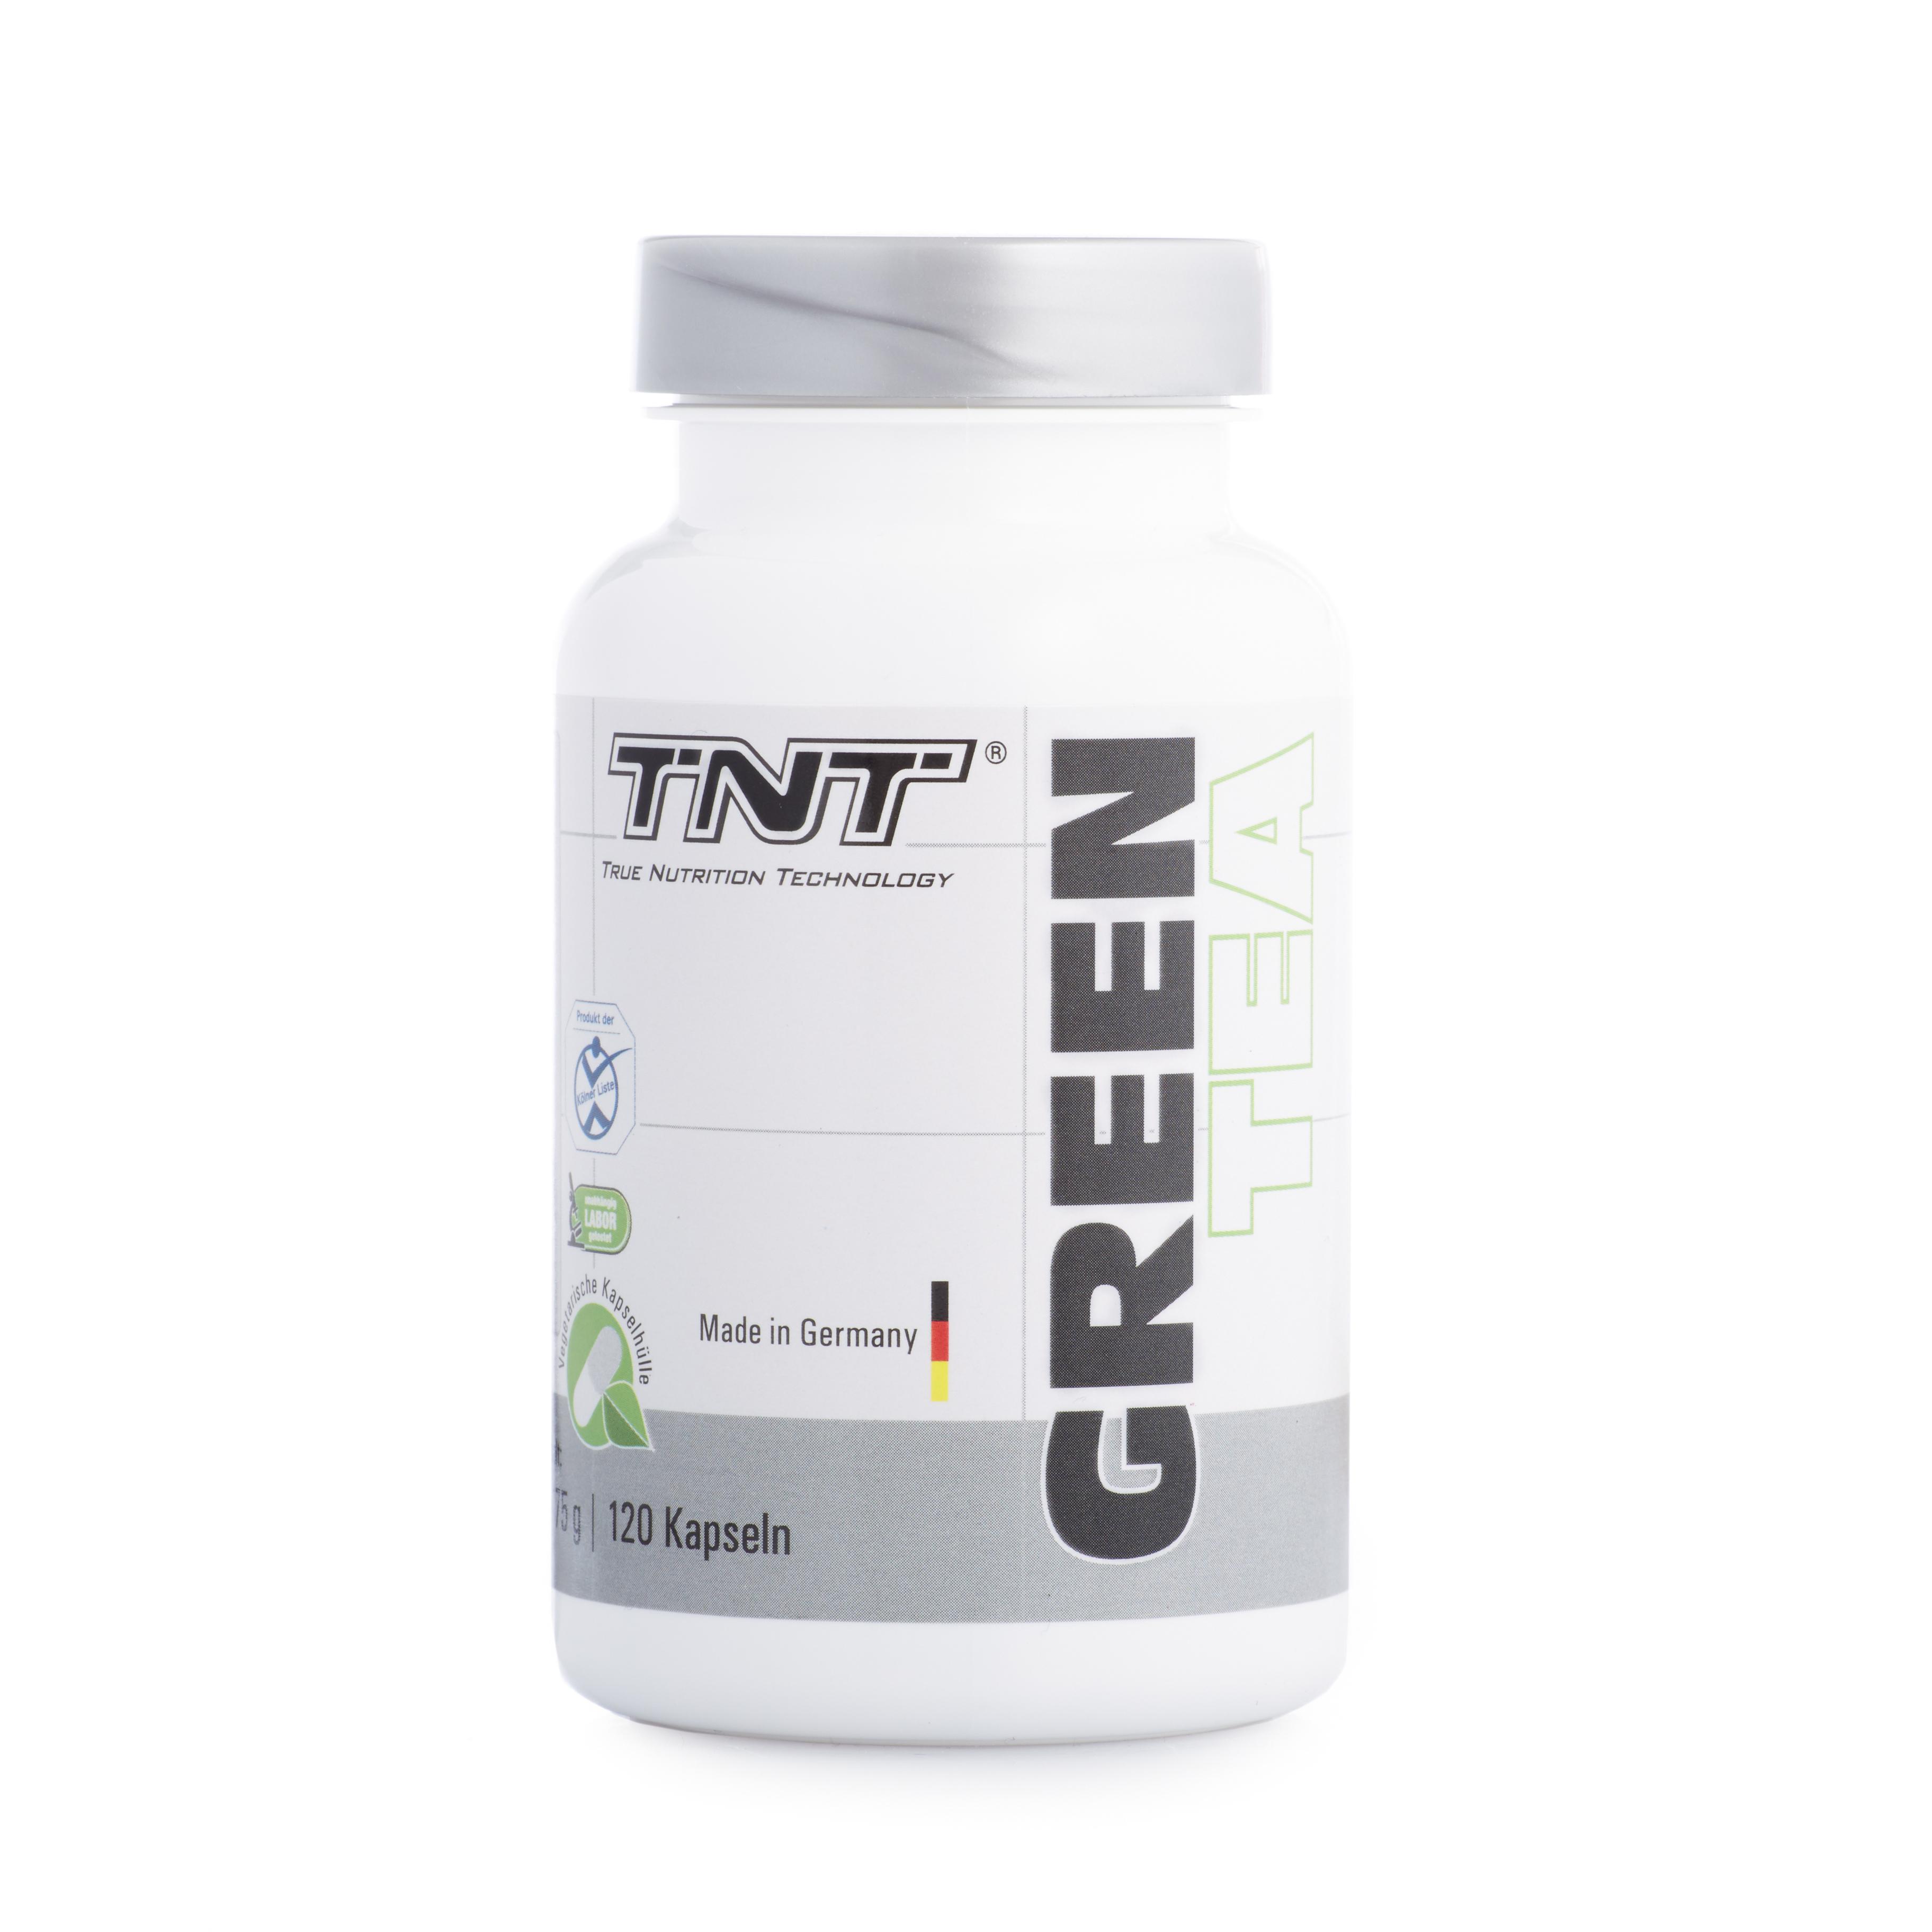 TNT Green Tea - 120 Kapseln